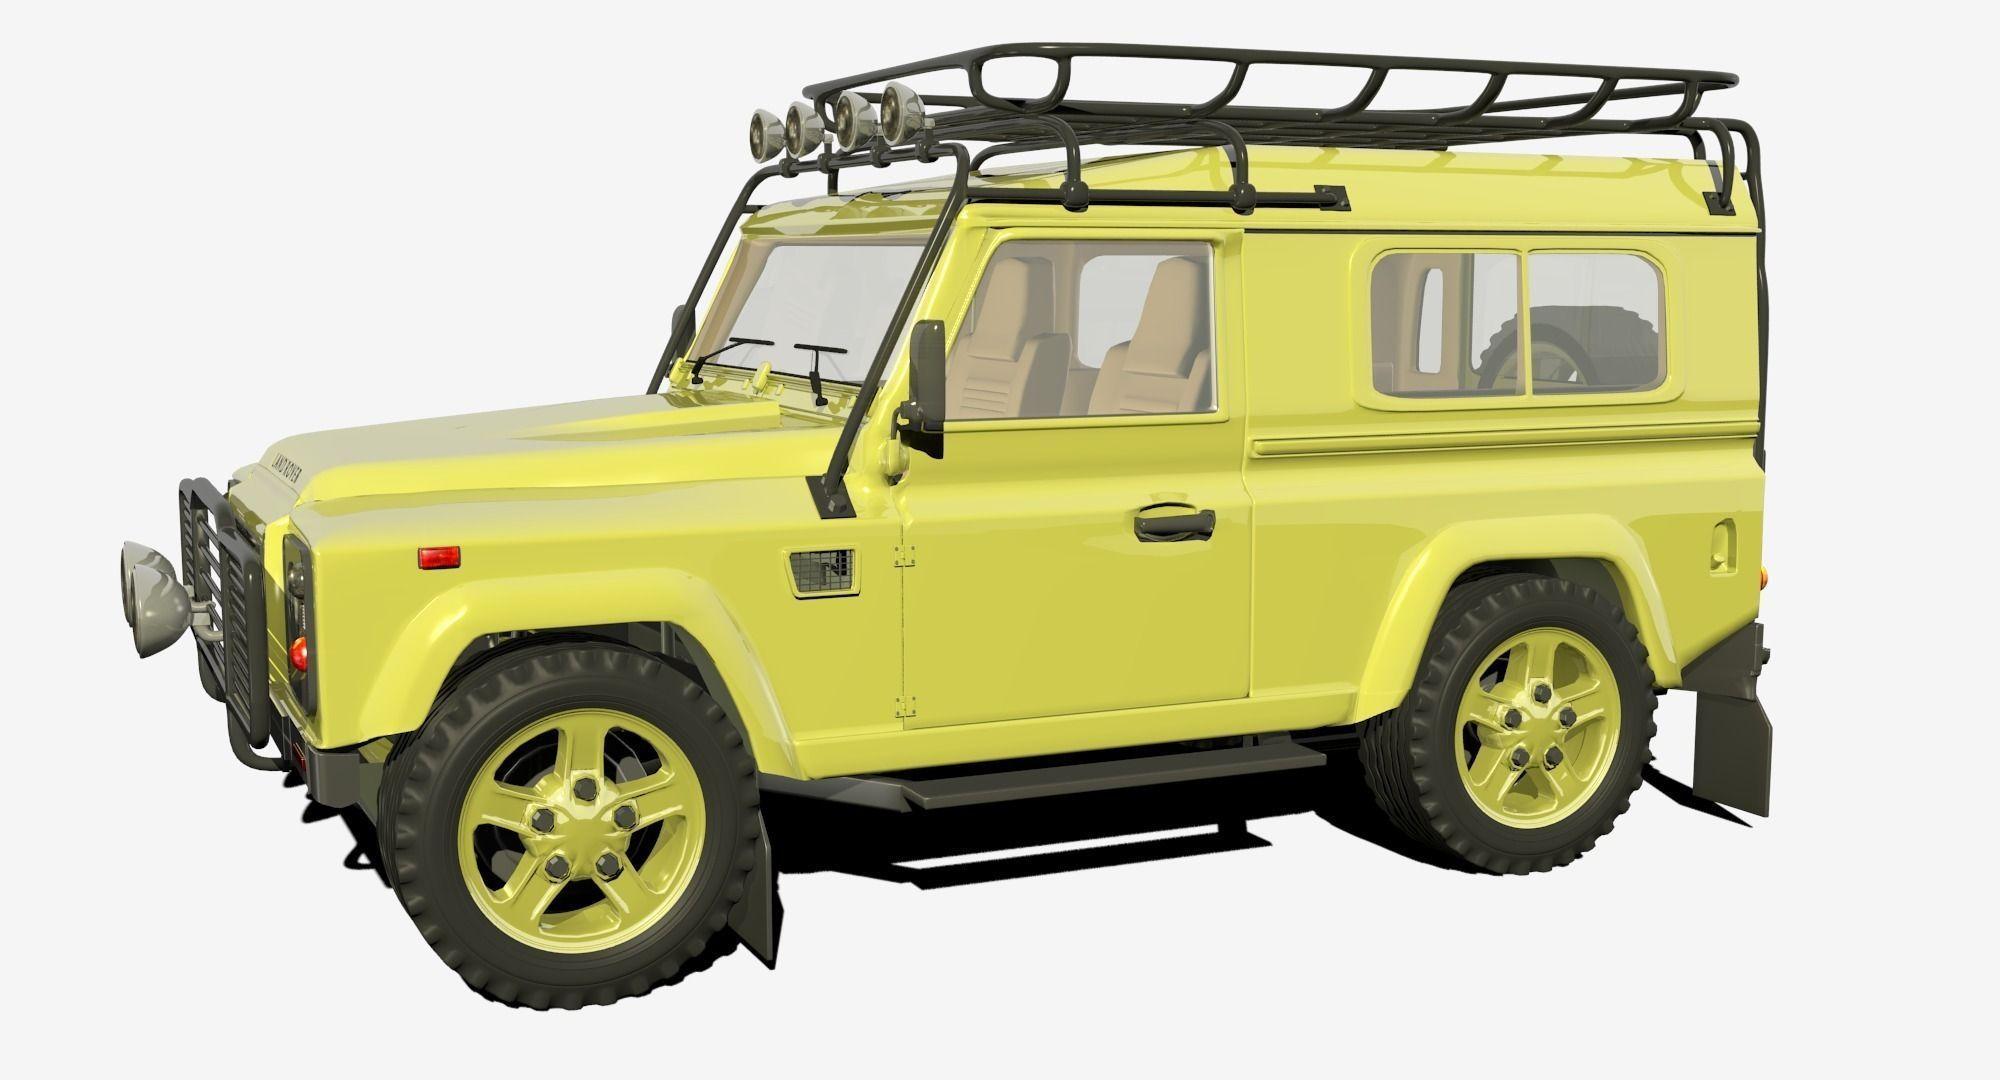 land rover defender 3d model obj 3ds fbx blend dae. Black Bedroom Furniture Sets. Home Design Ideas